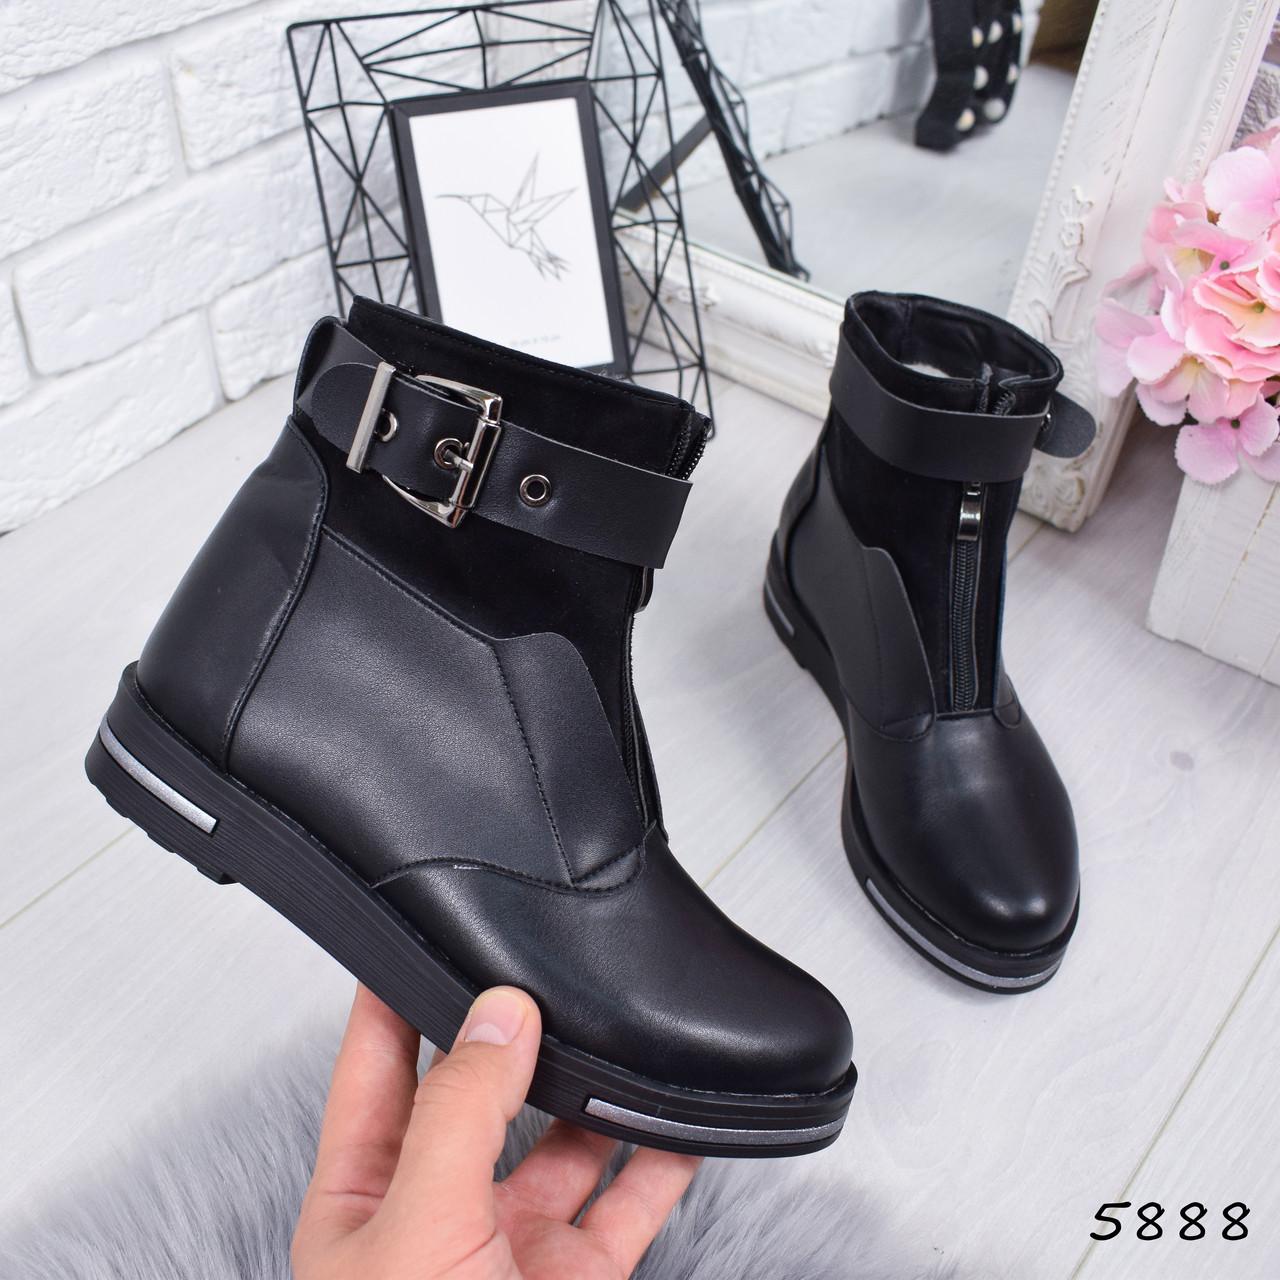 Ботинки женские Gaga черные 5888, ЗИМА р. 36